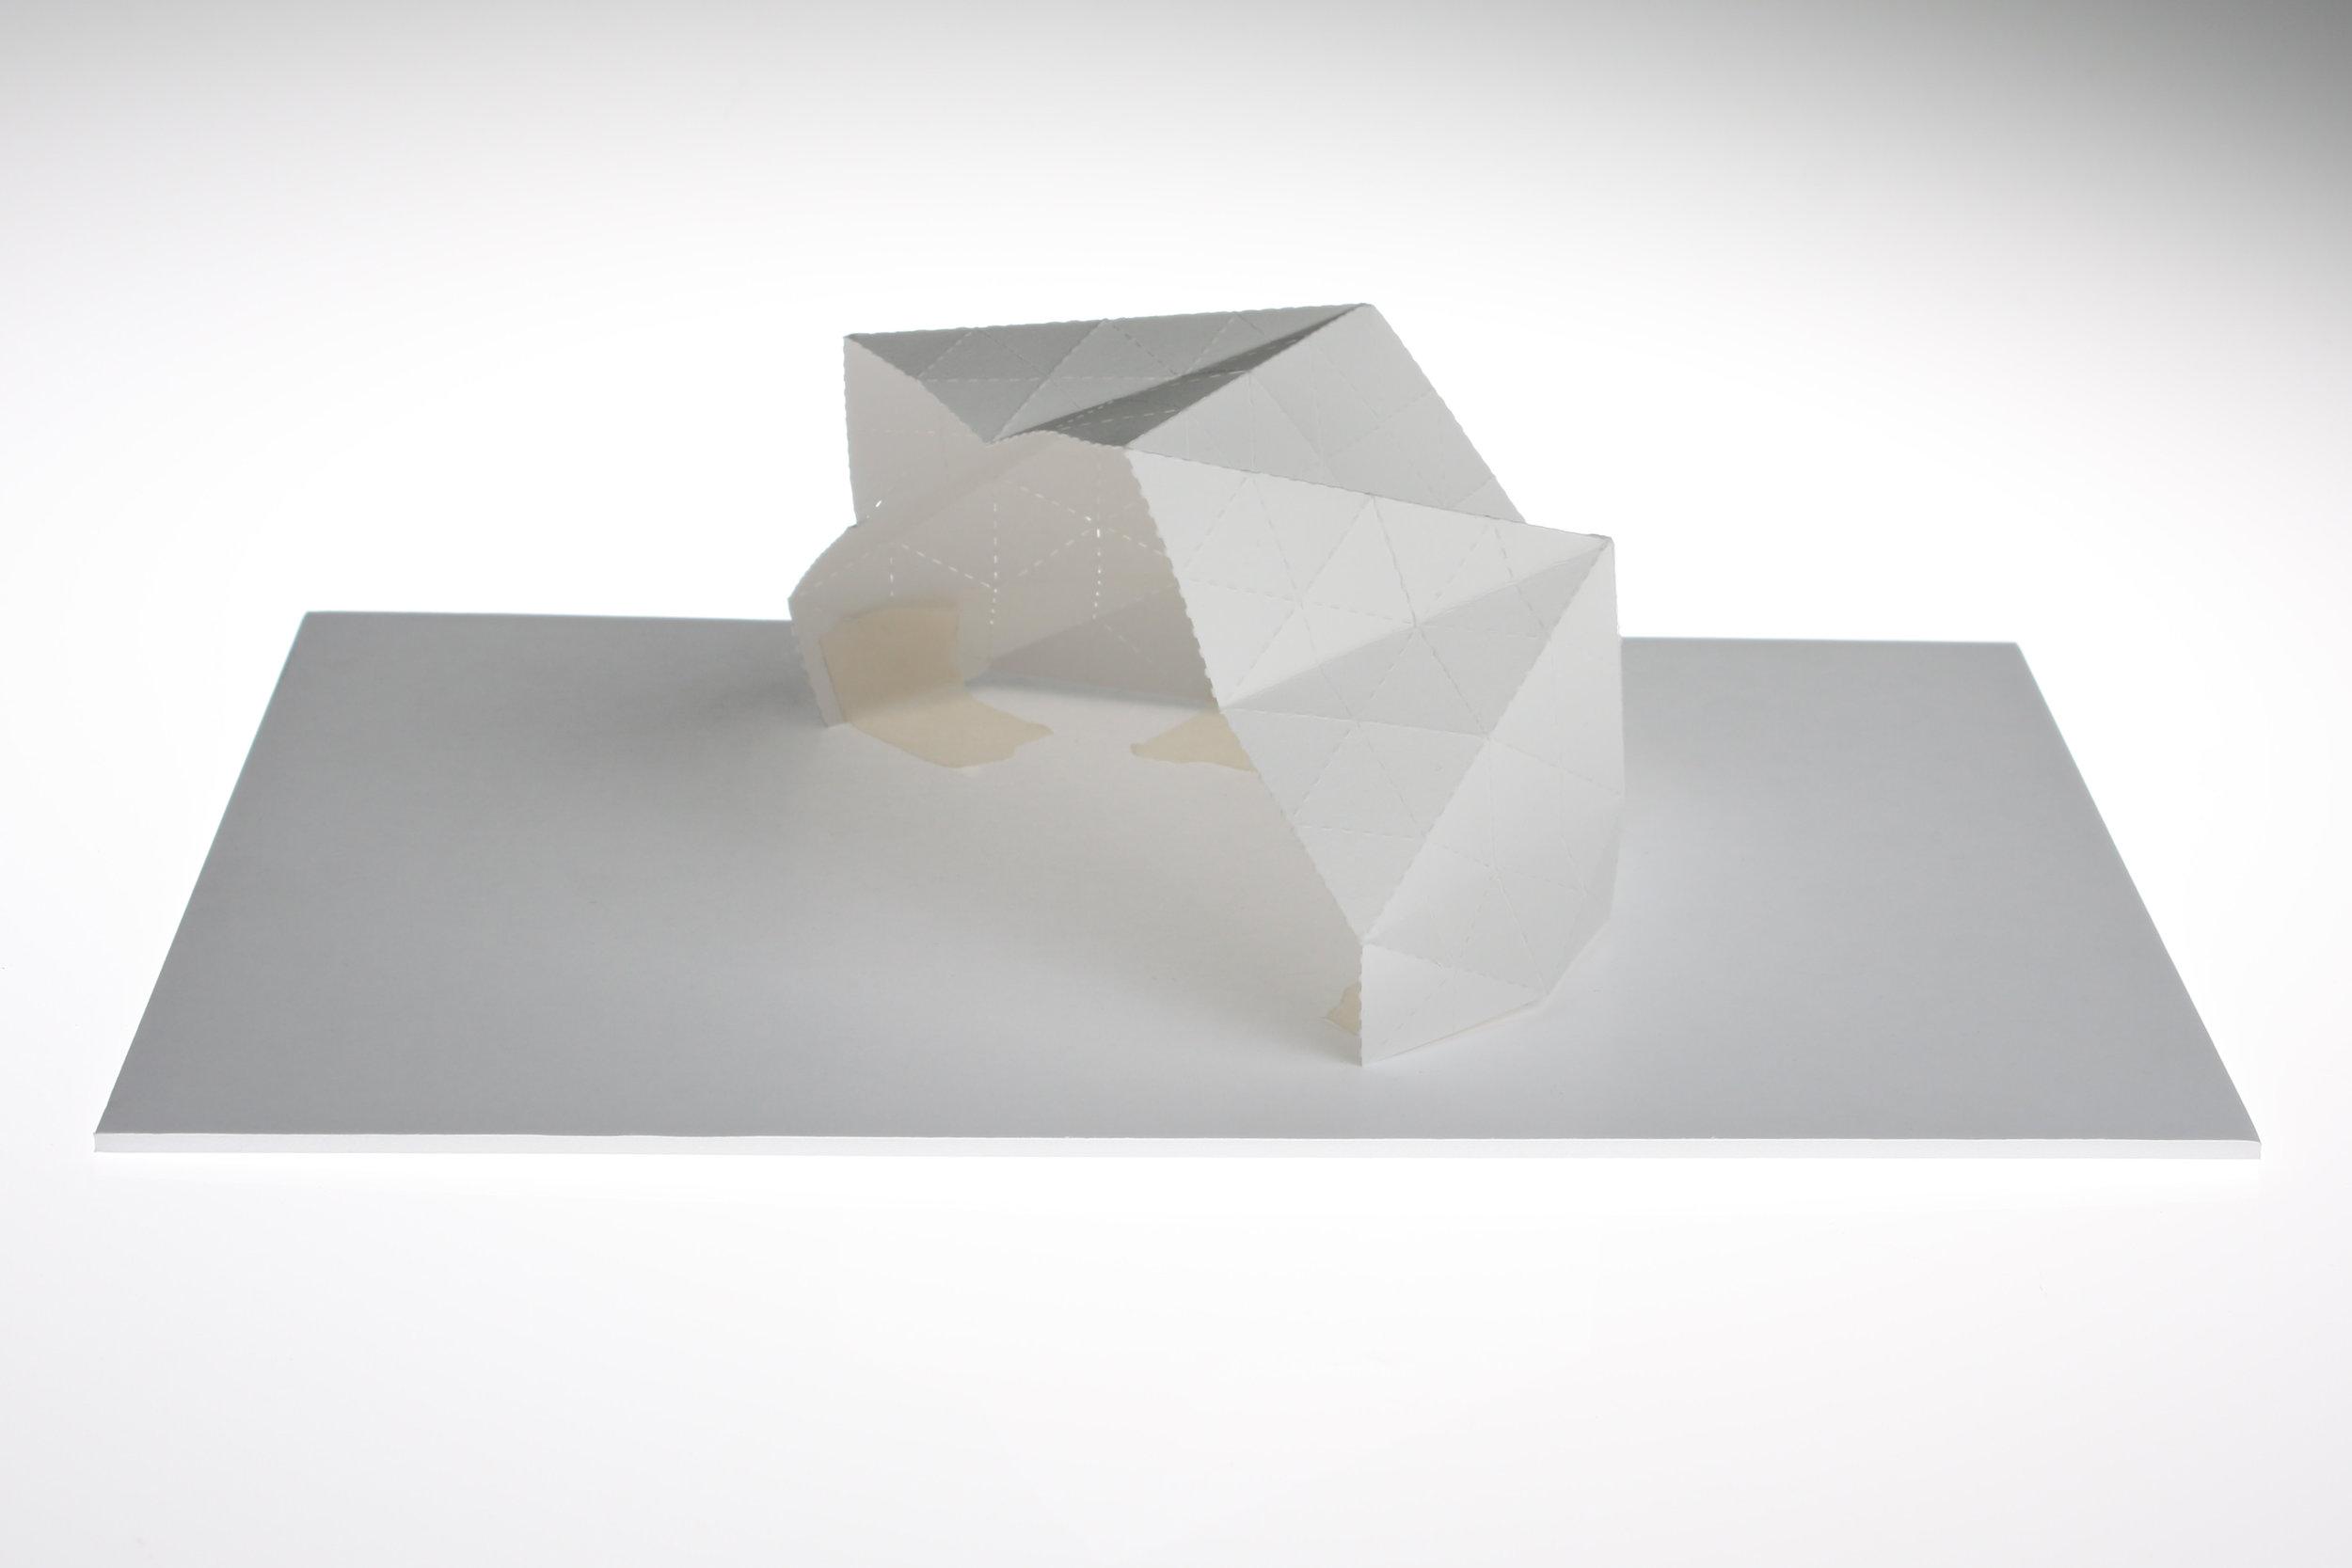 maquette 2 rebecca howson crane away